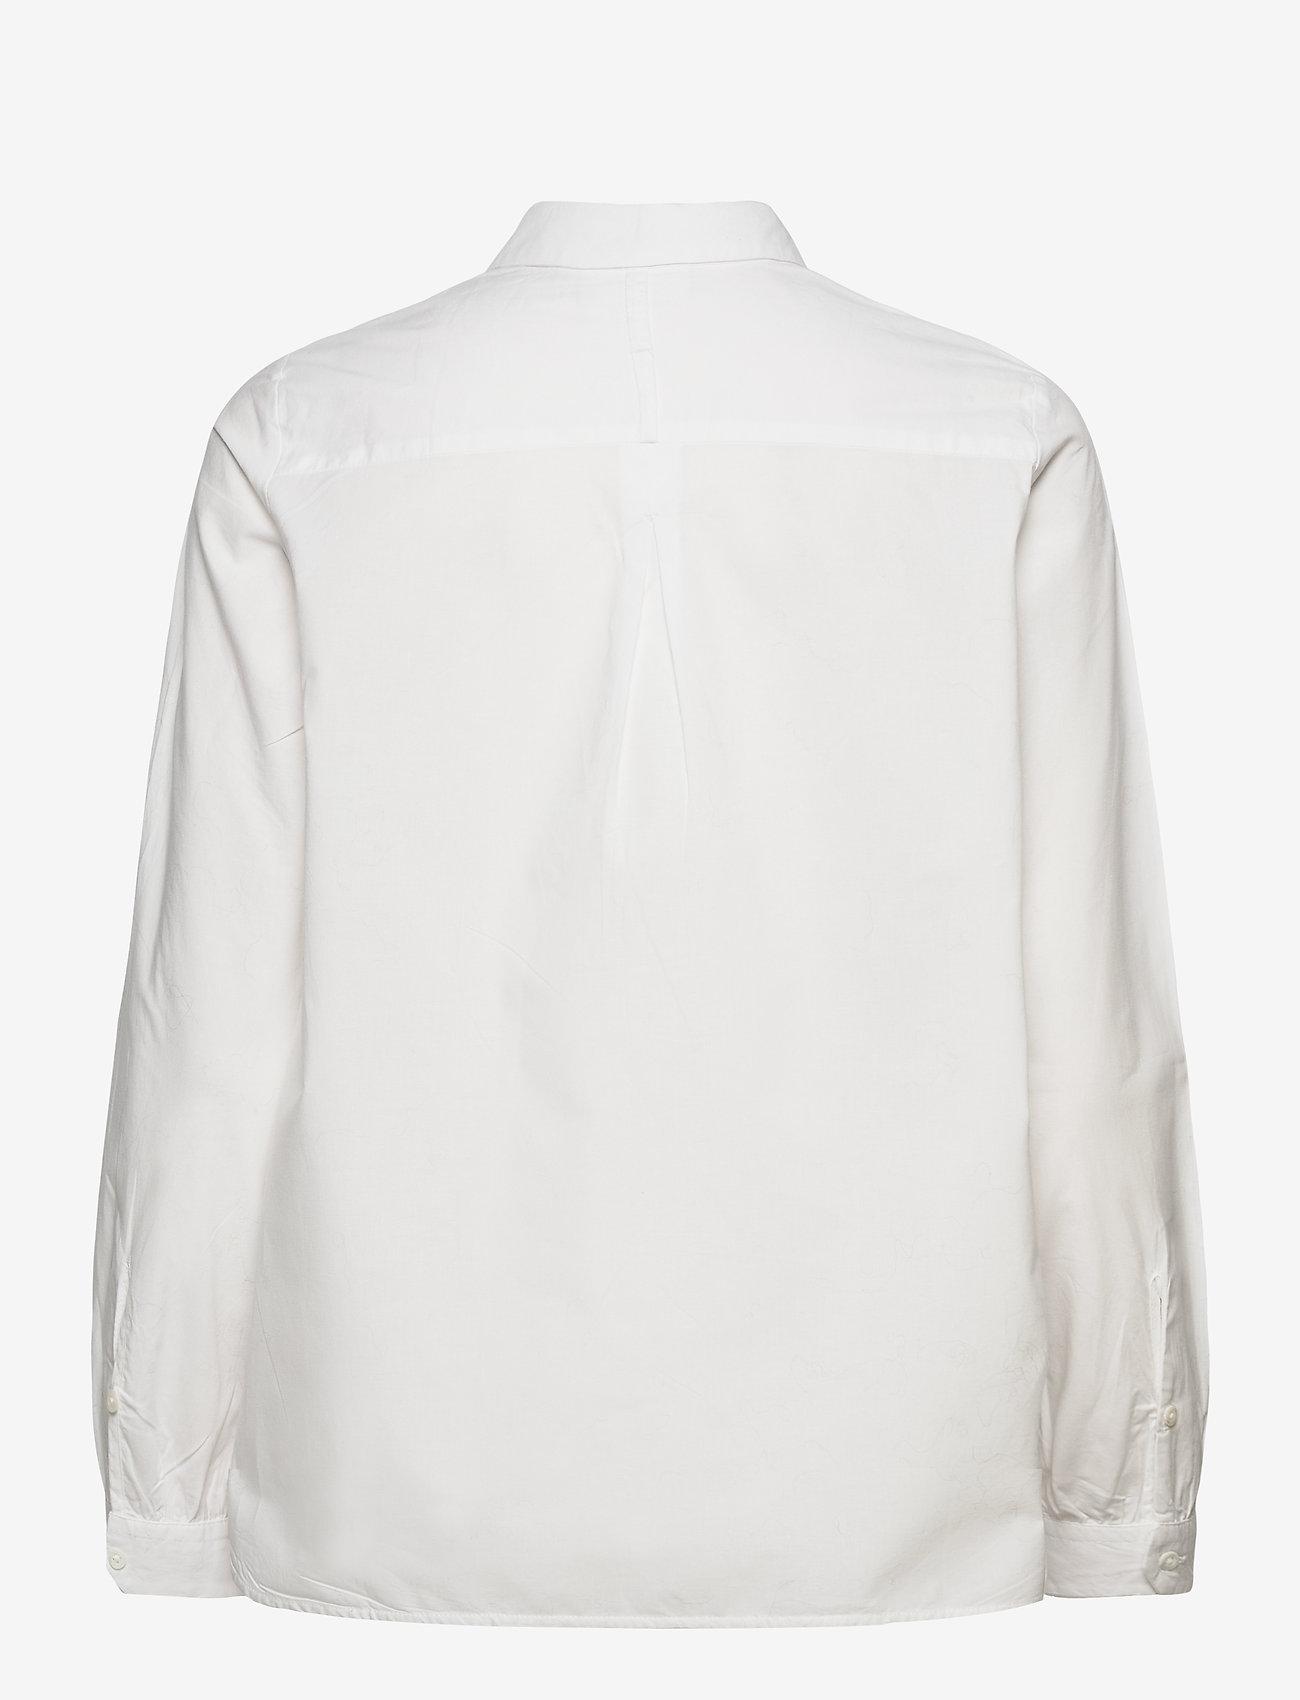 Noa Noa - Blouse - long-sleeved shirts - cloud dancer - 1